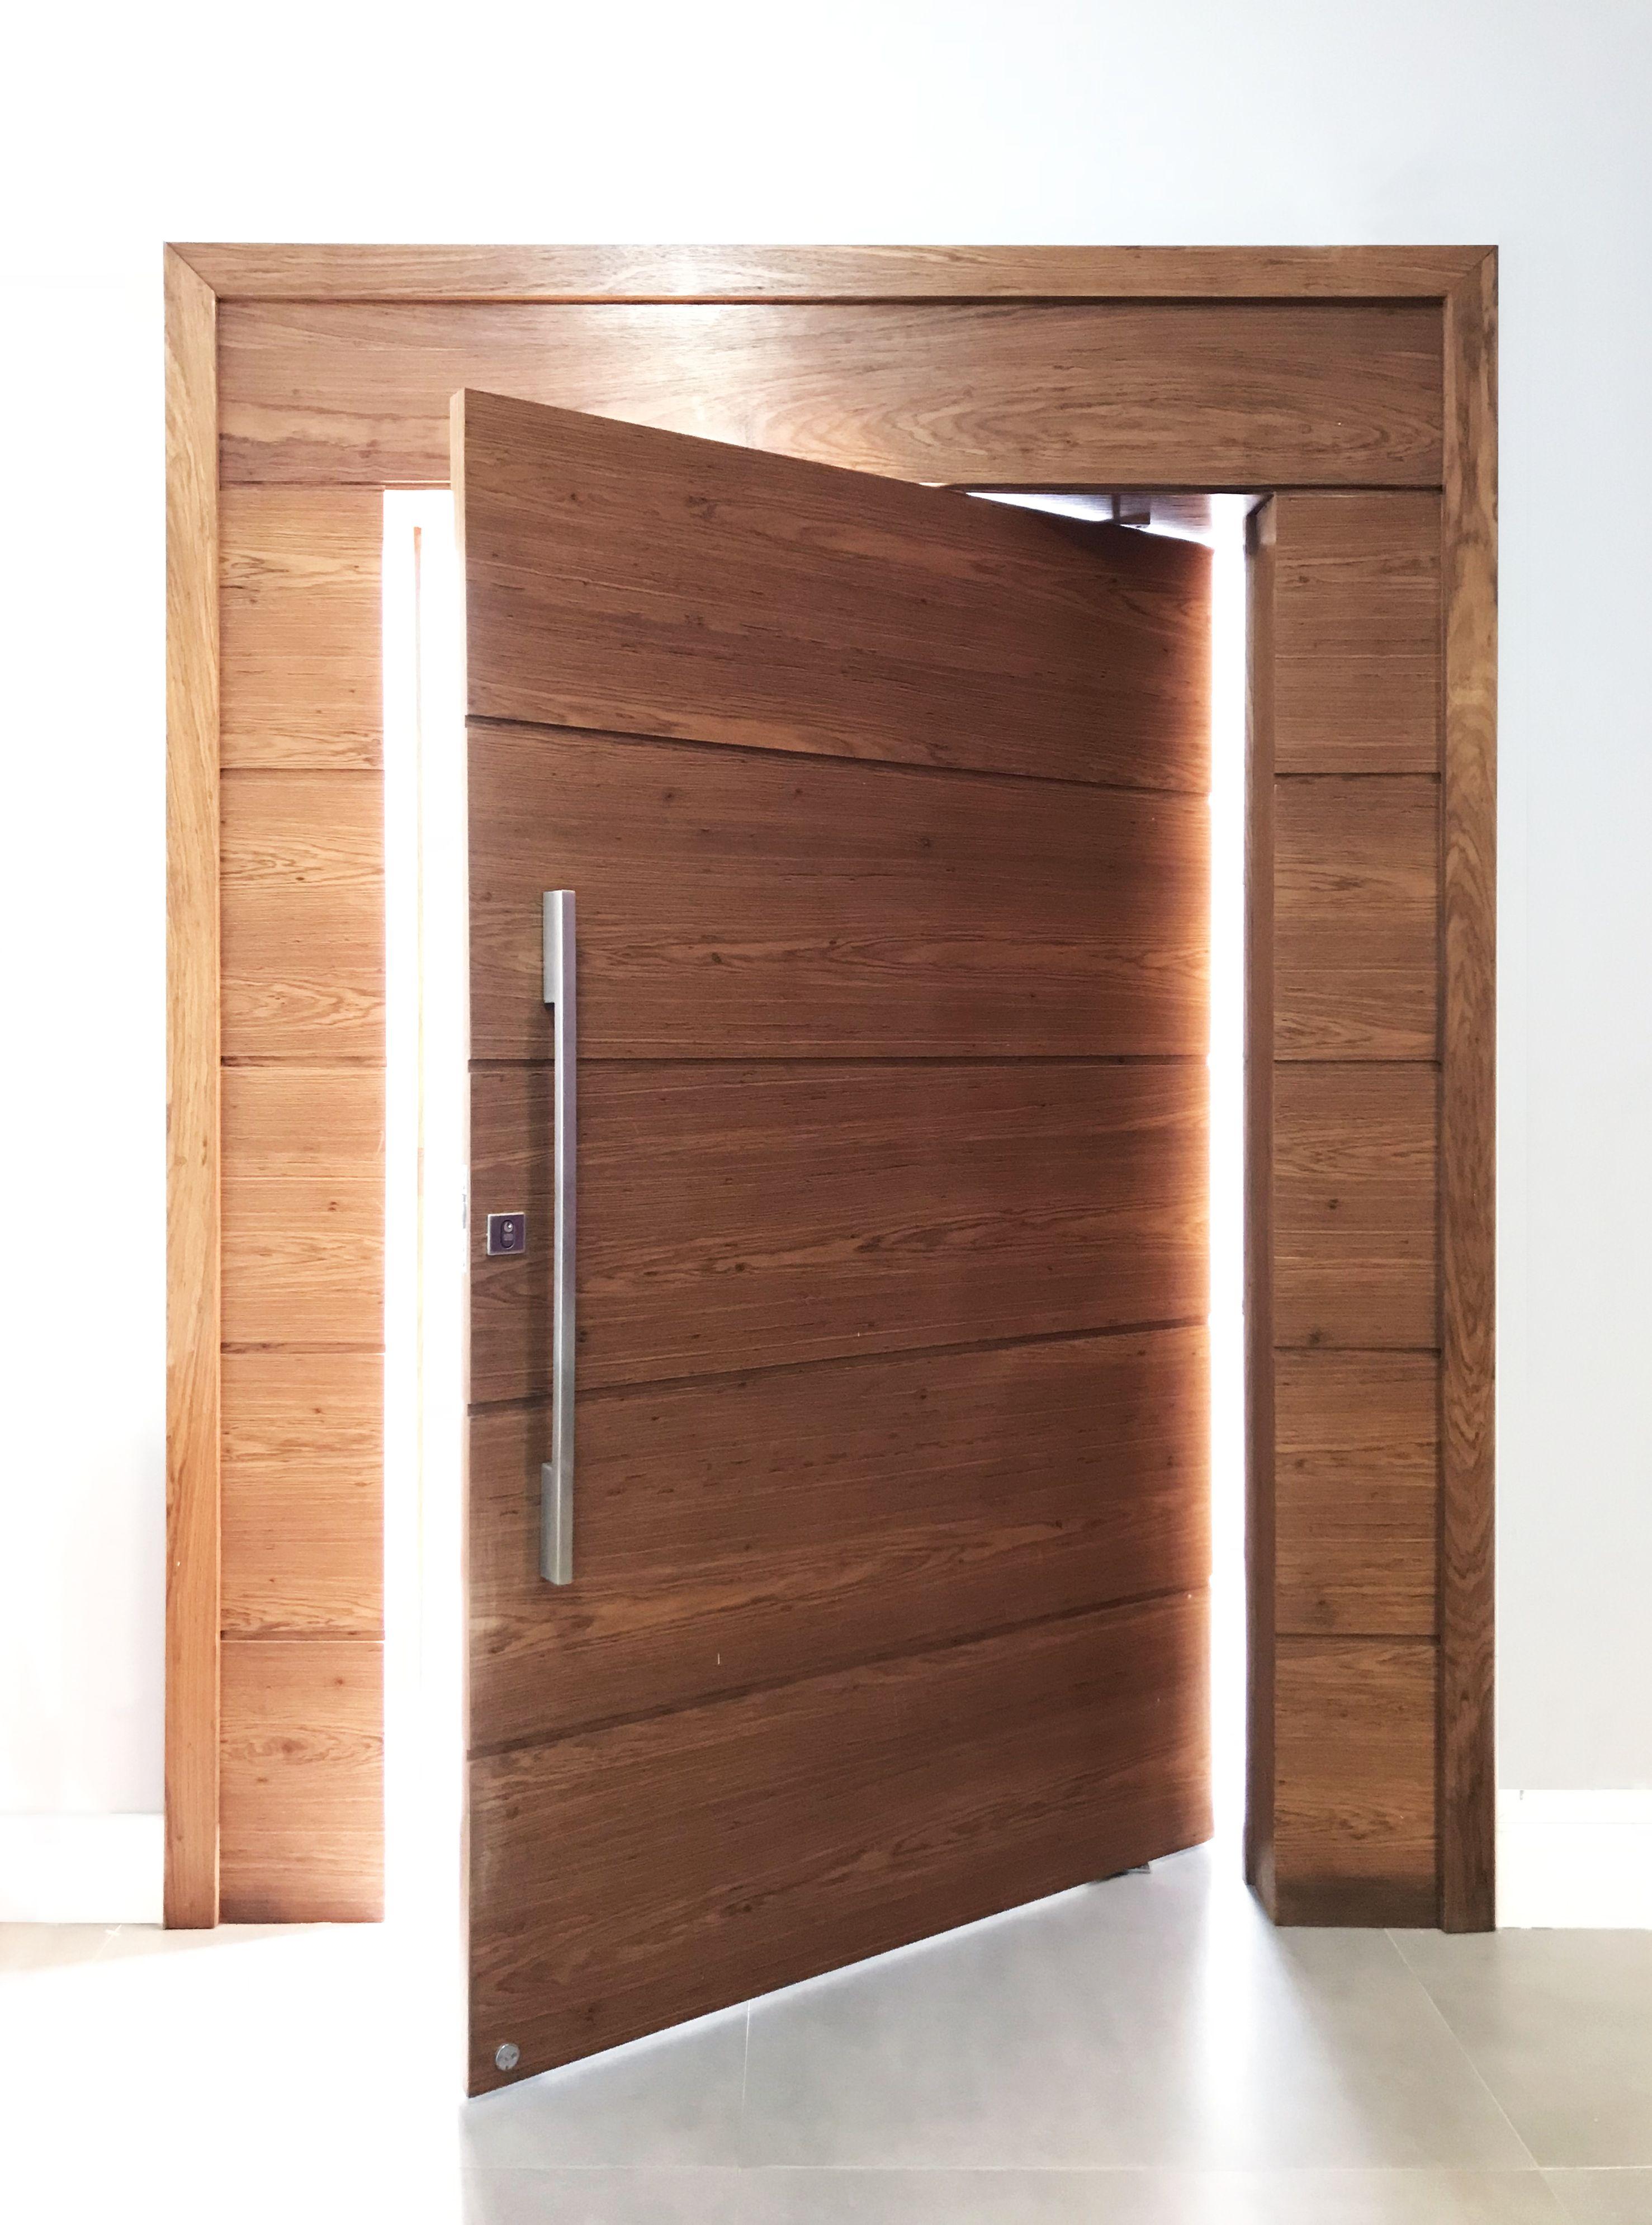 Pivoting wooden door, stainless steel handle, entrance door…